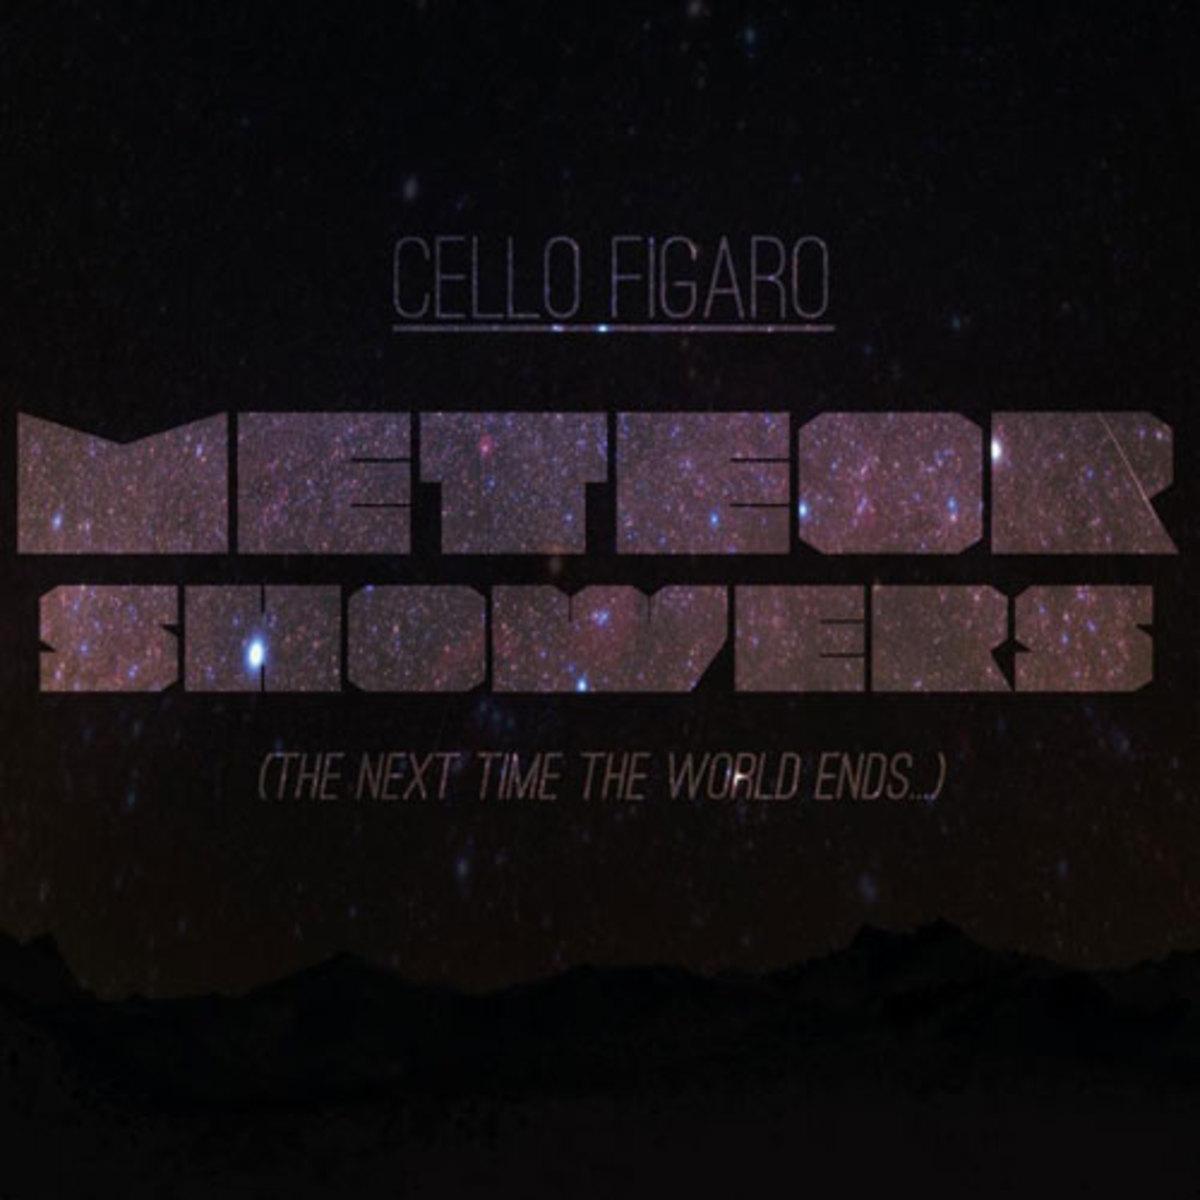 cellofigaro-meteorshowers.jpg